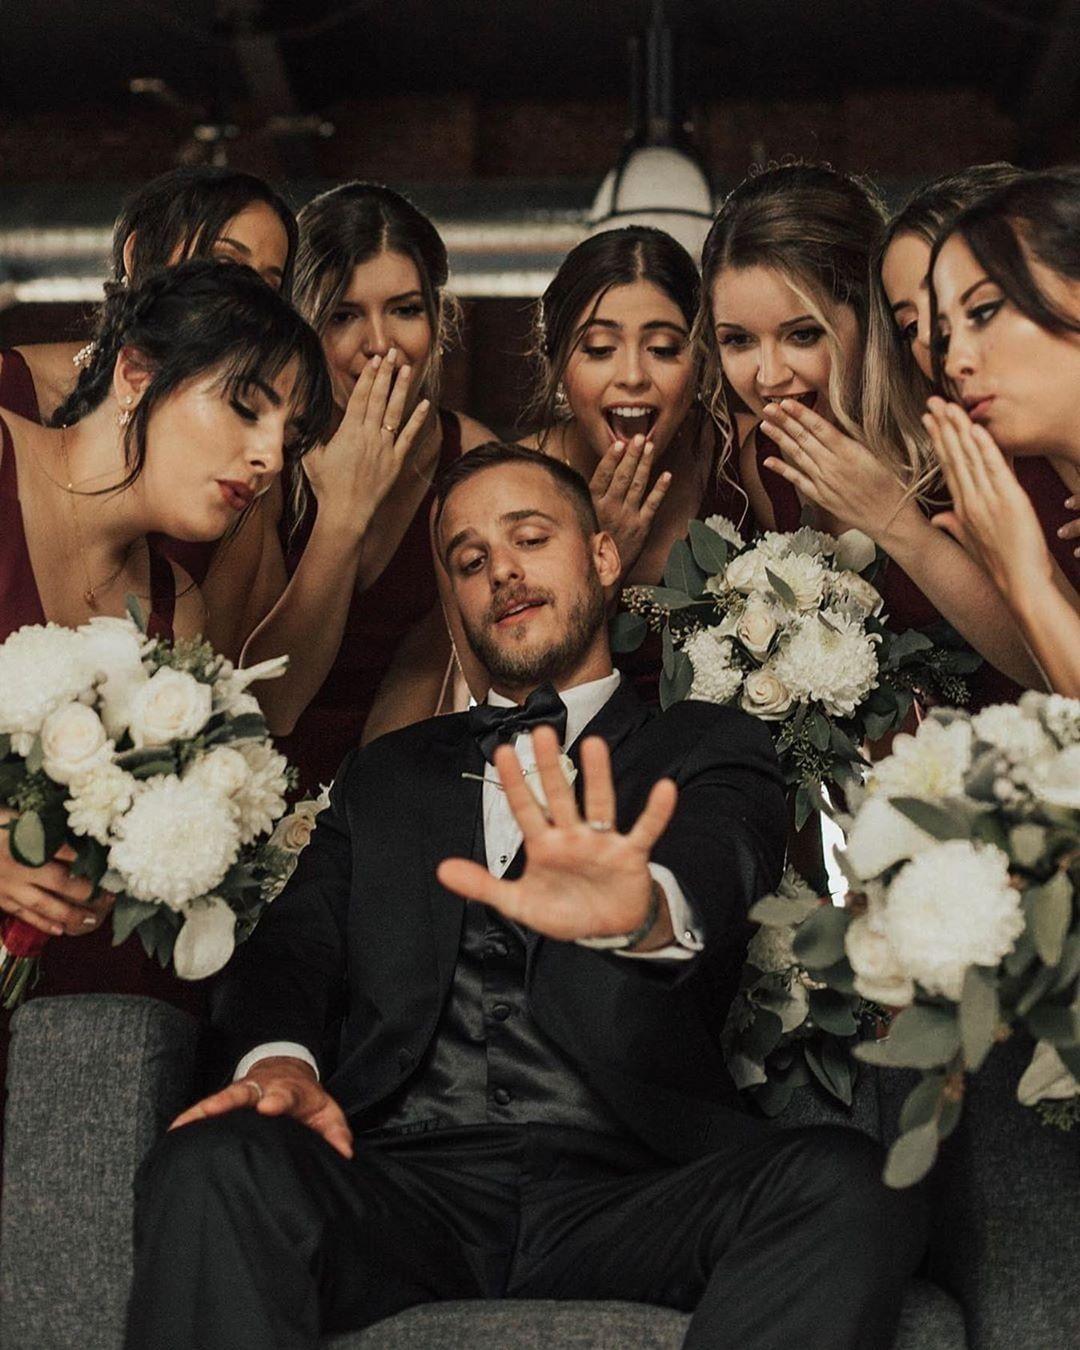 Consejos e ideas originales para las fotos grupales en la boda.